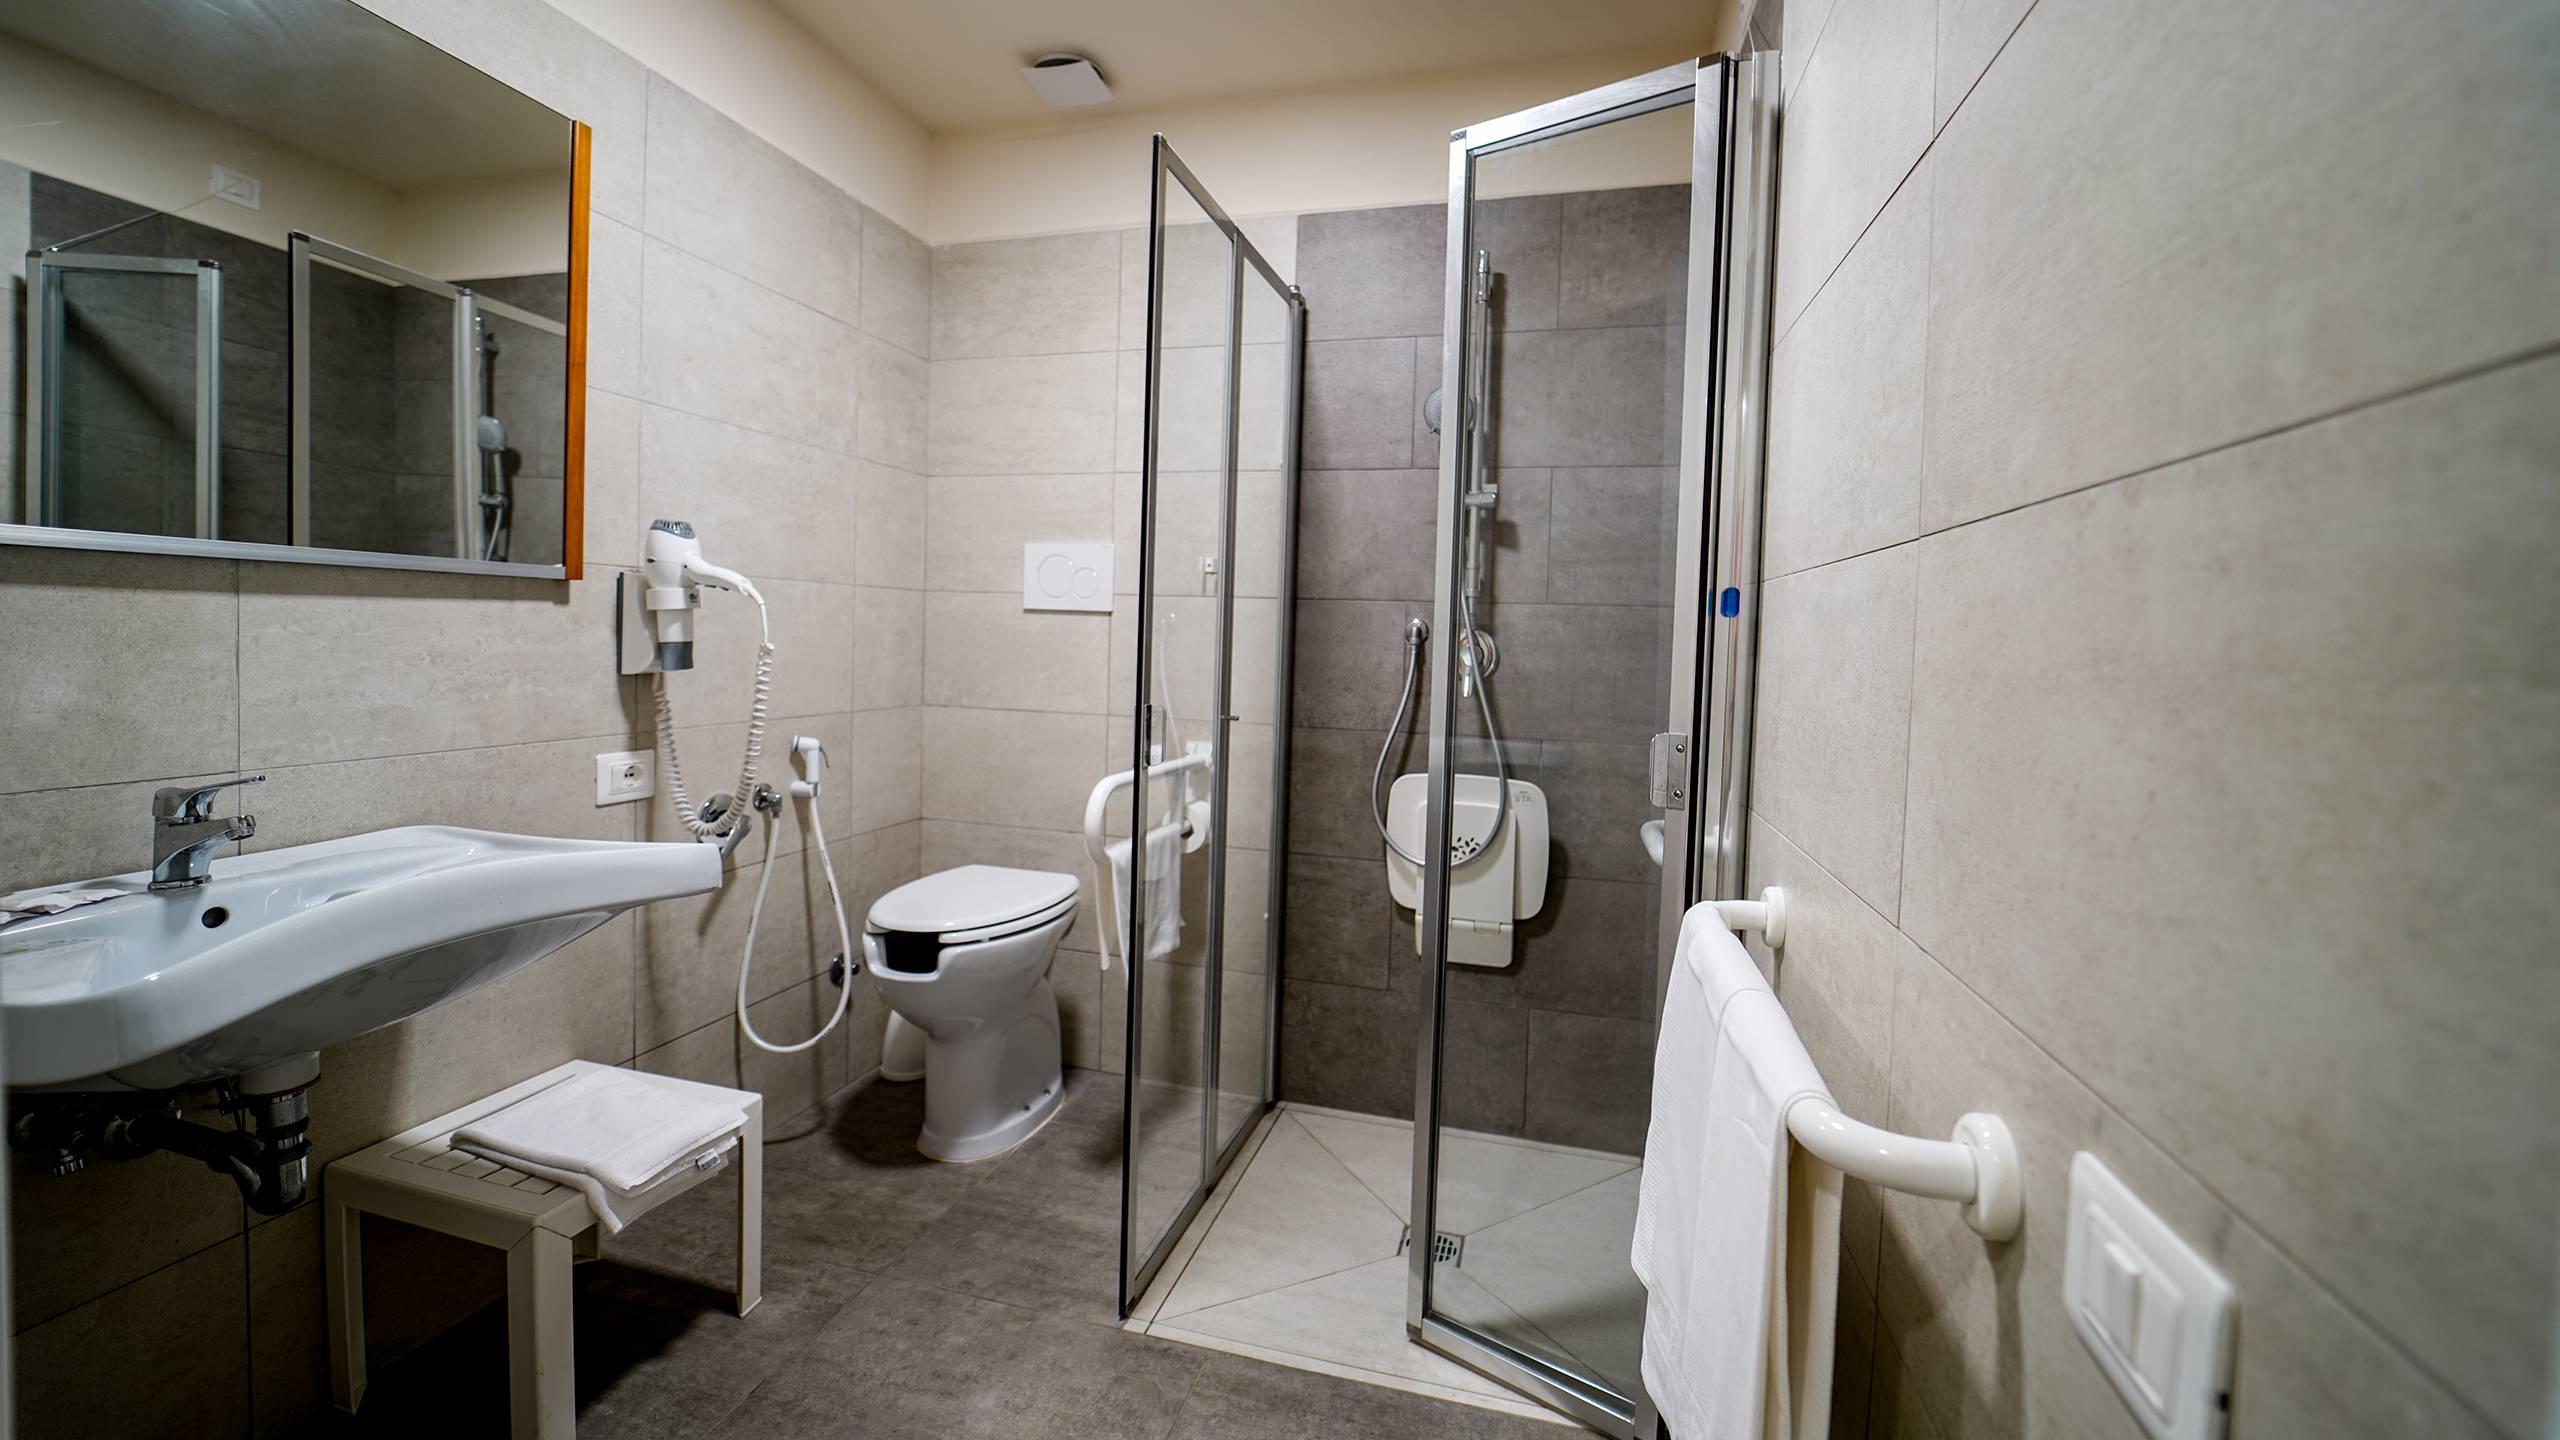 Santa-Caterina-Village-Scalea-chambre-smart-salle-de-bain-douche-DSC00181